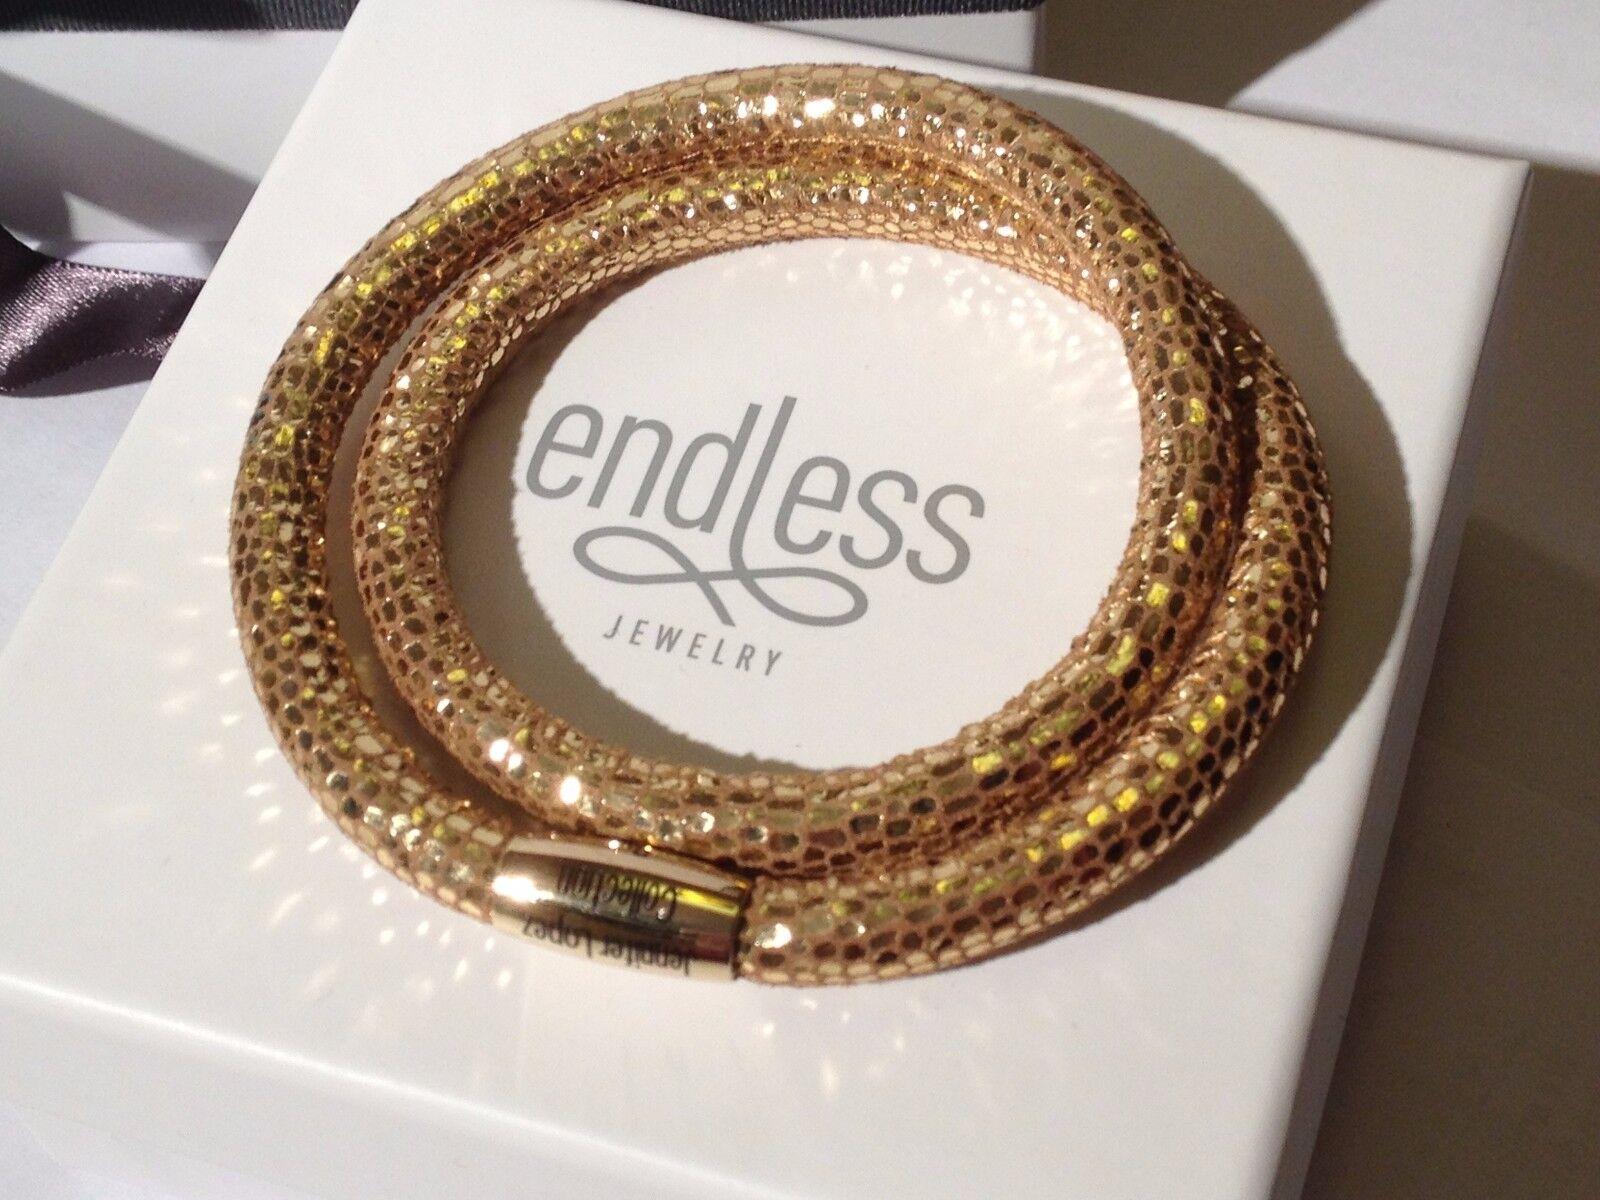 Endless J.Lopez 38cm golden Reptile Bracelet Double Strand Yellow Clasp  rrp